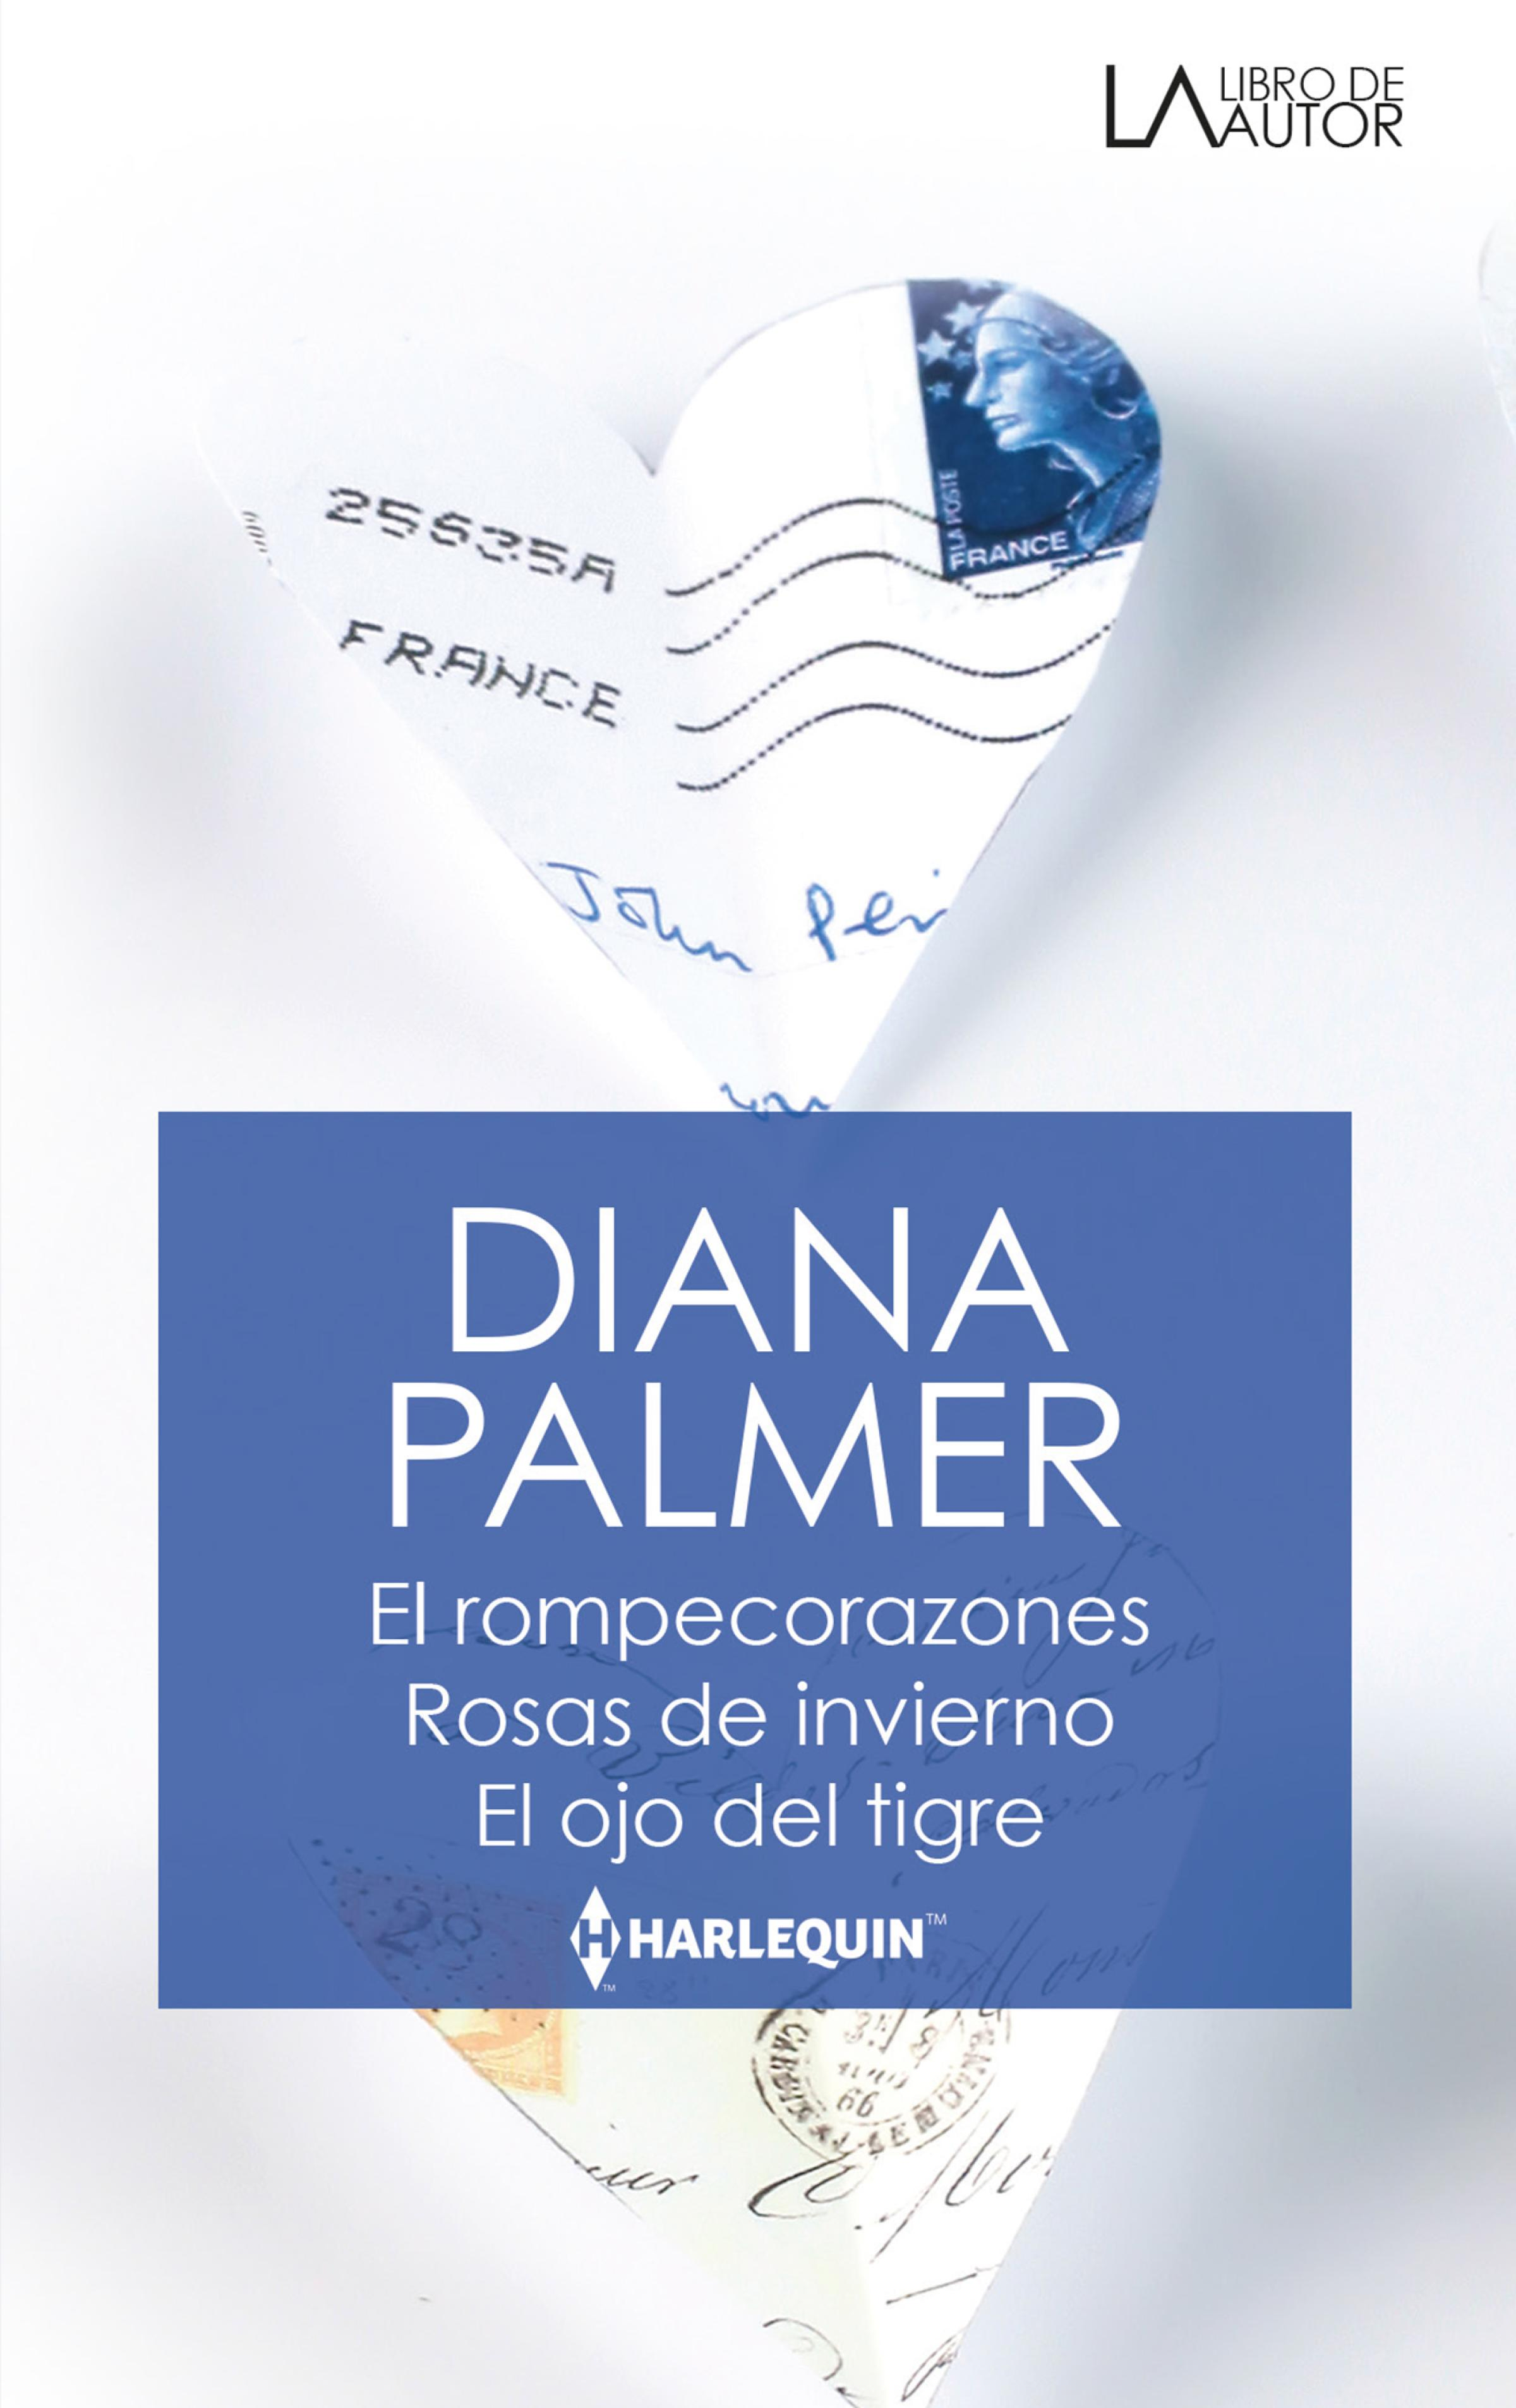 Diana Palmer El rompe corazones - Rosas de invierno - El ojo del tigre sangre en el ojo